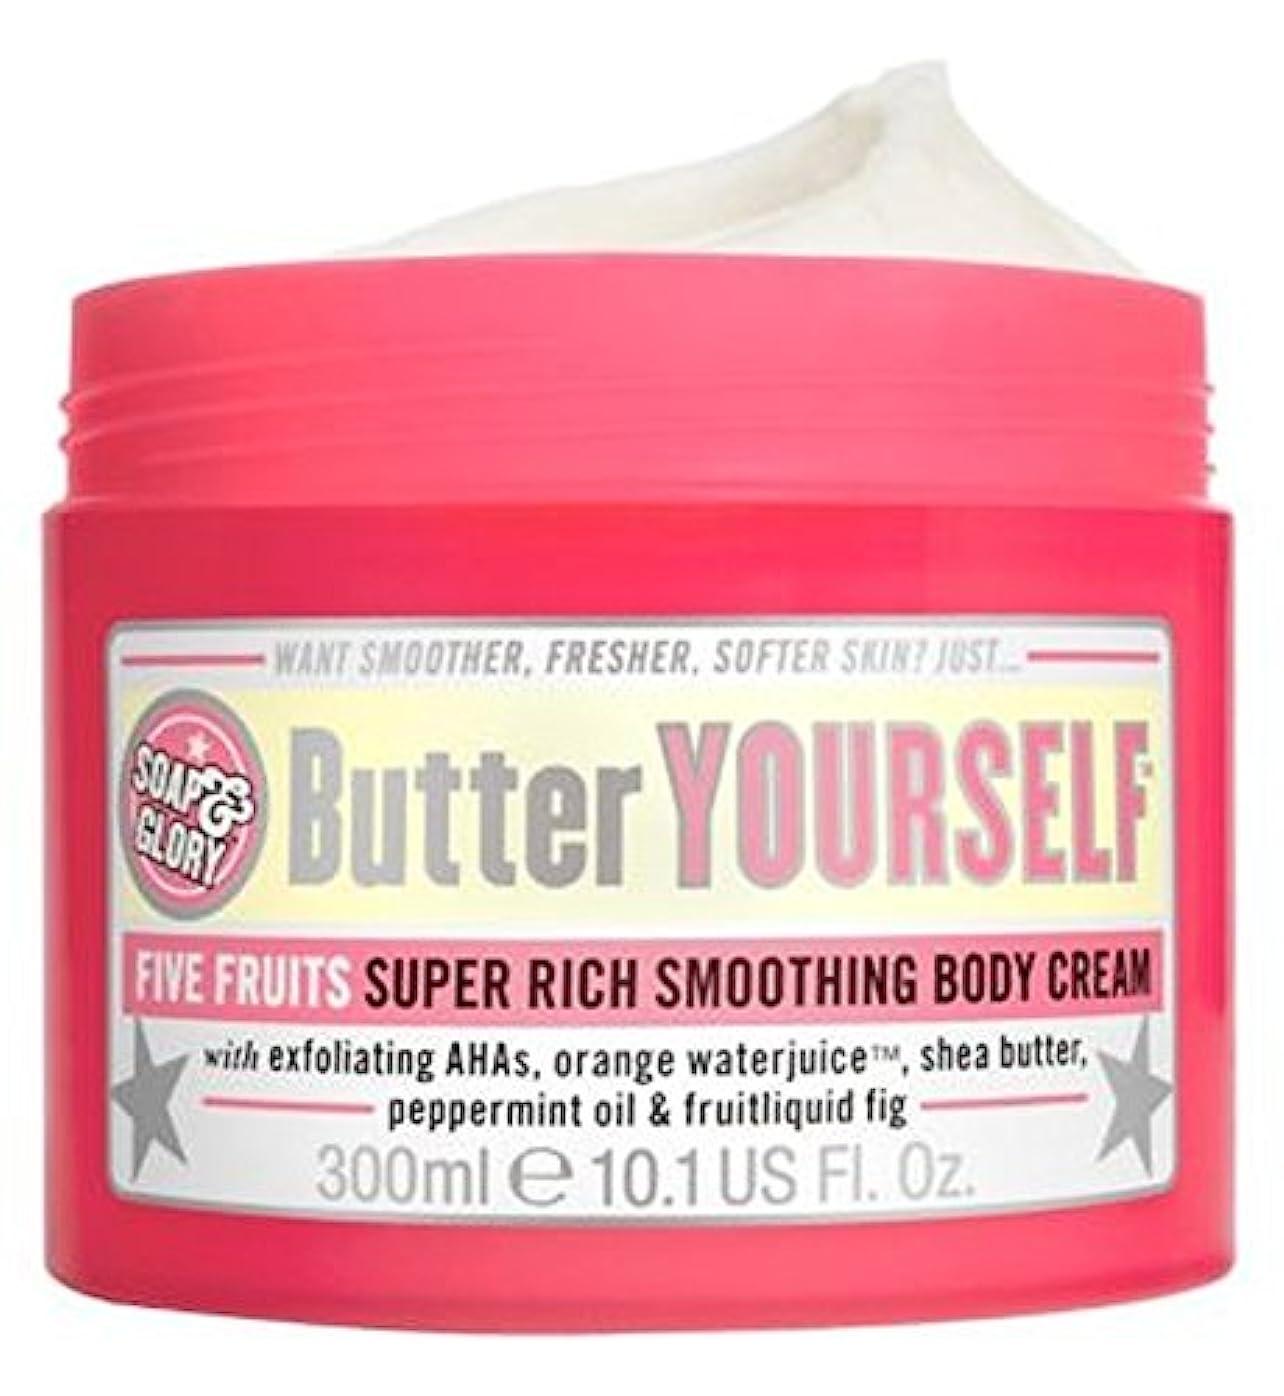 確認するかわいらしい用心Soap & Glory? Butter Yourself? Body Cream 300ml - ボディクリーム300ミリリットル?石鹸&栄光?バター自分 (Soap & Glory) [並行輸入品]